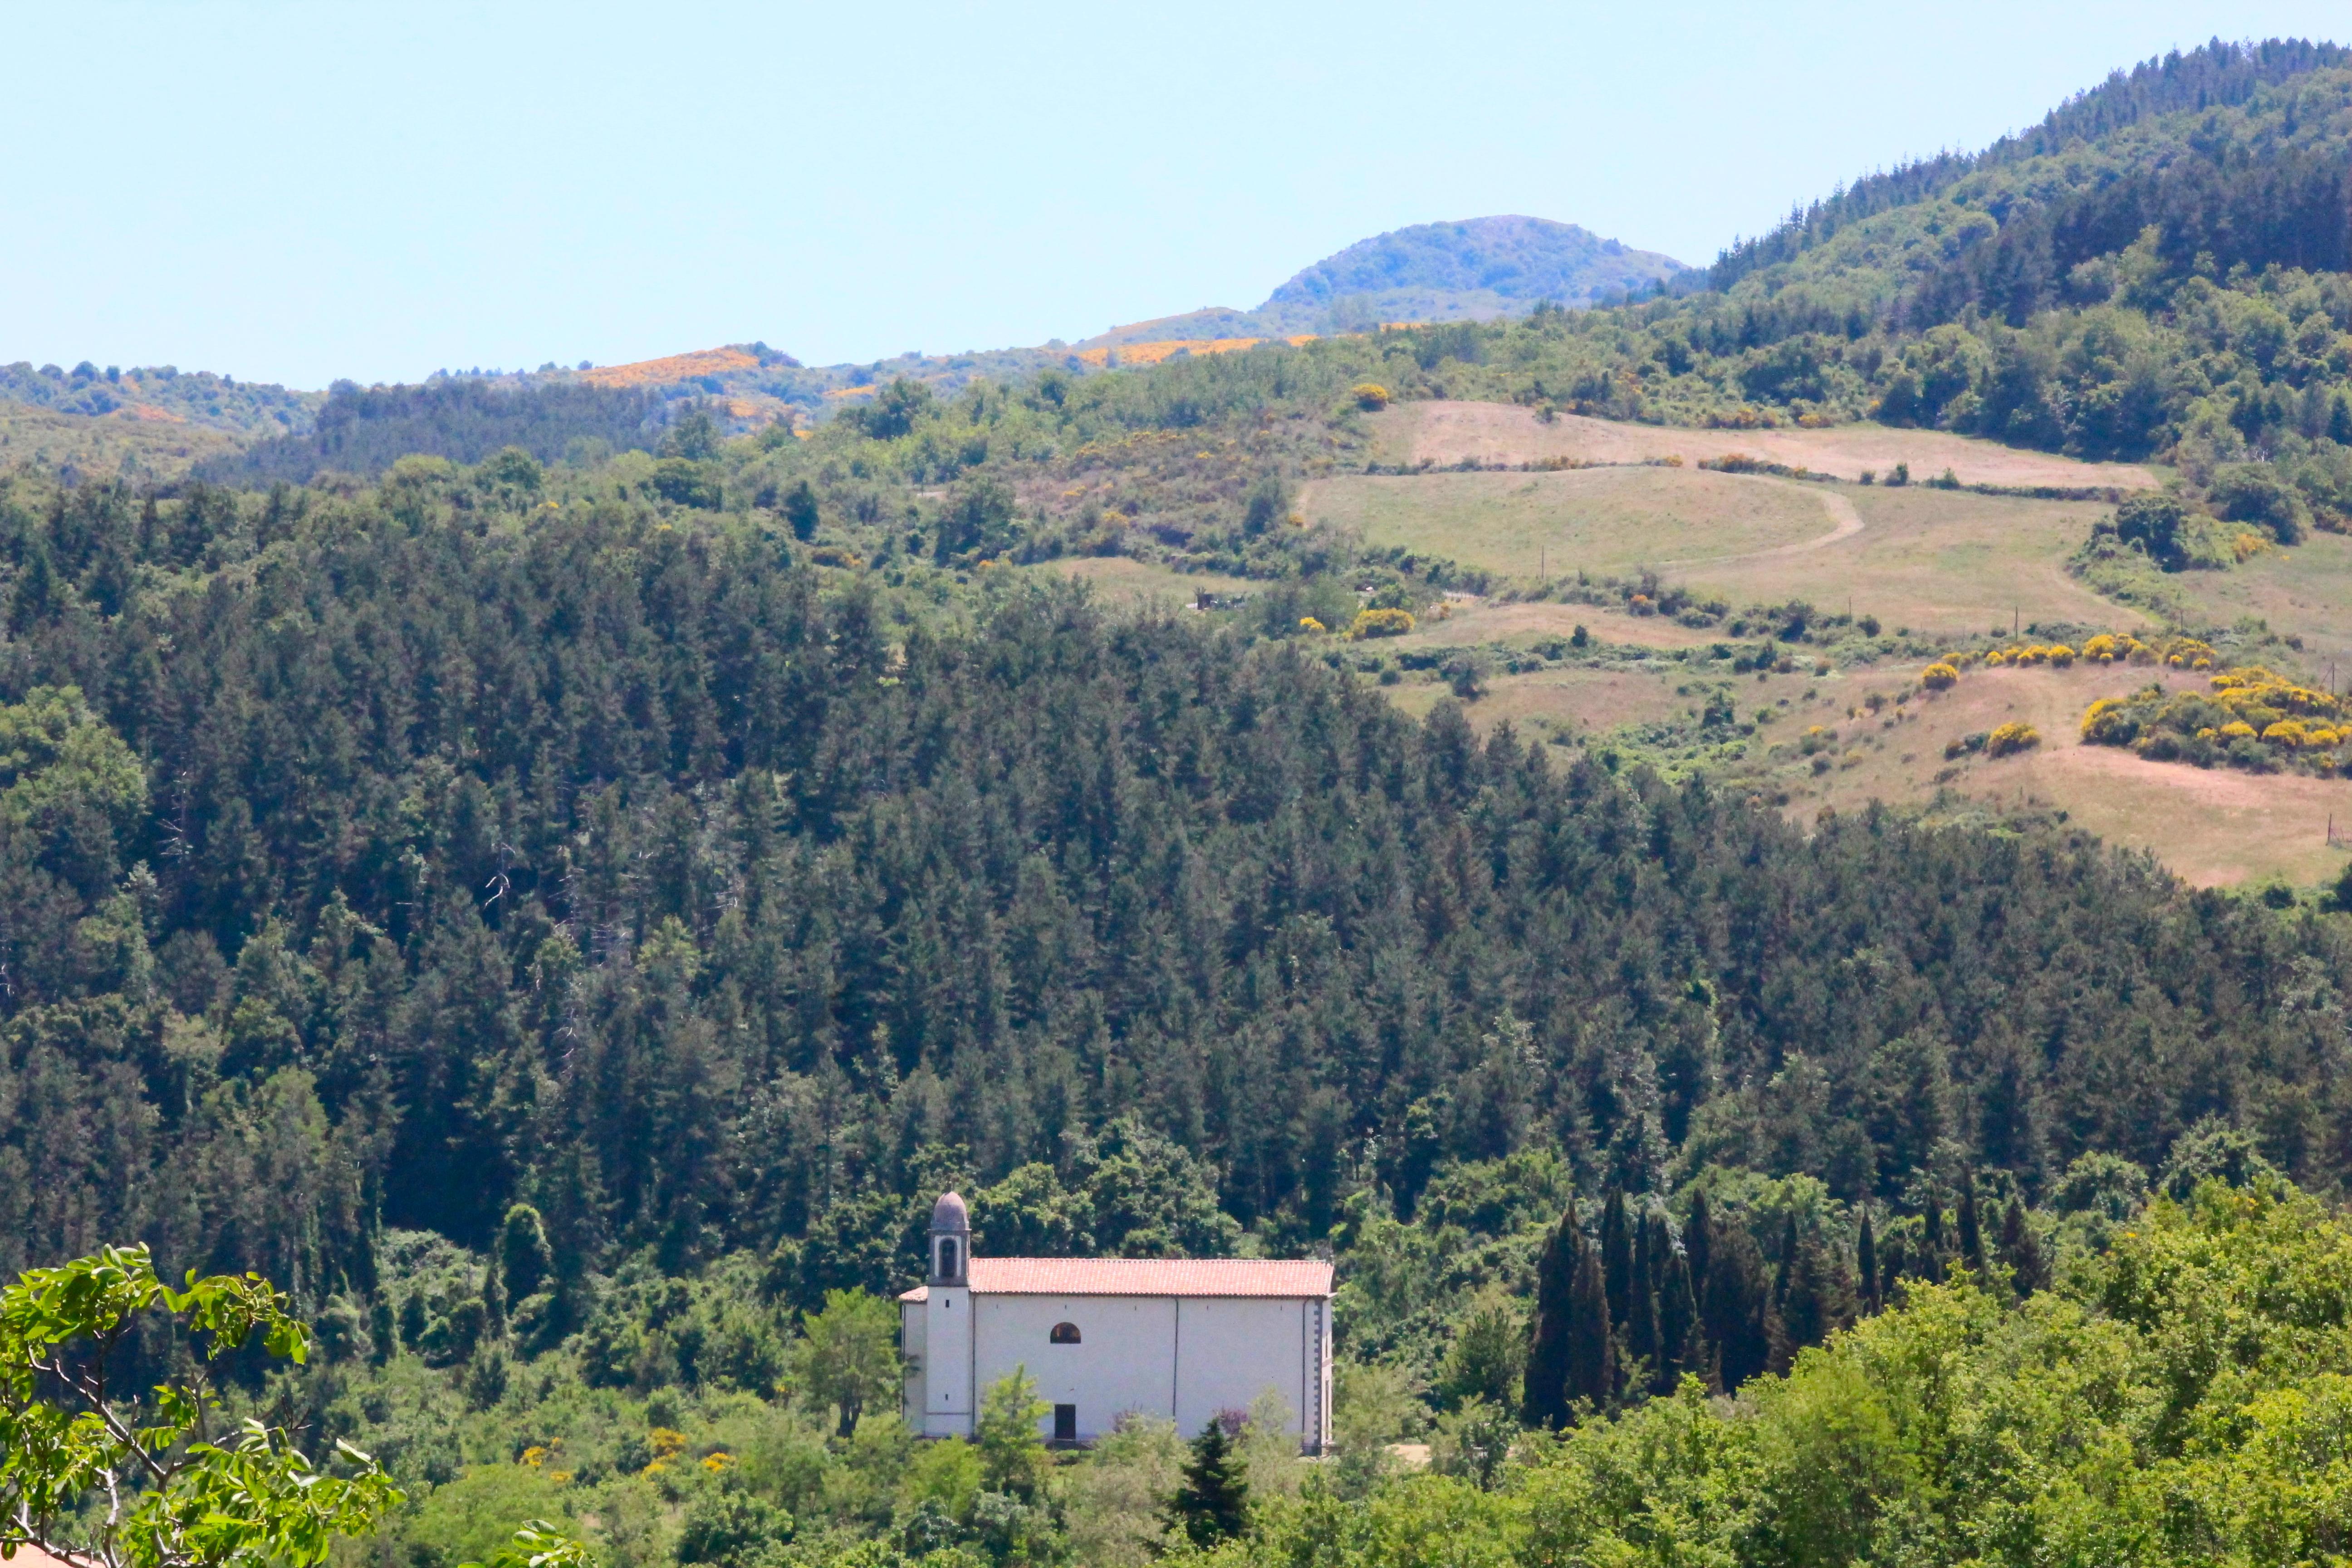 CinigianoMonticelloAmiataMadonnaValPrata8.jpg